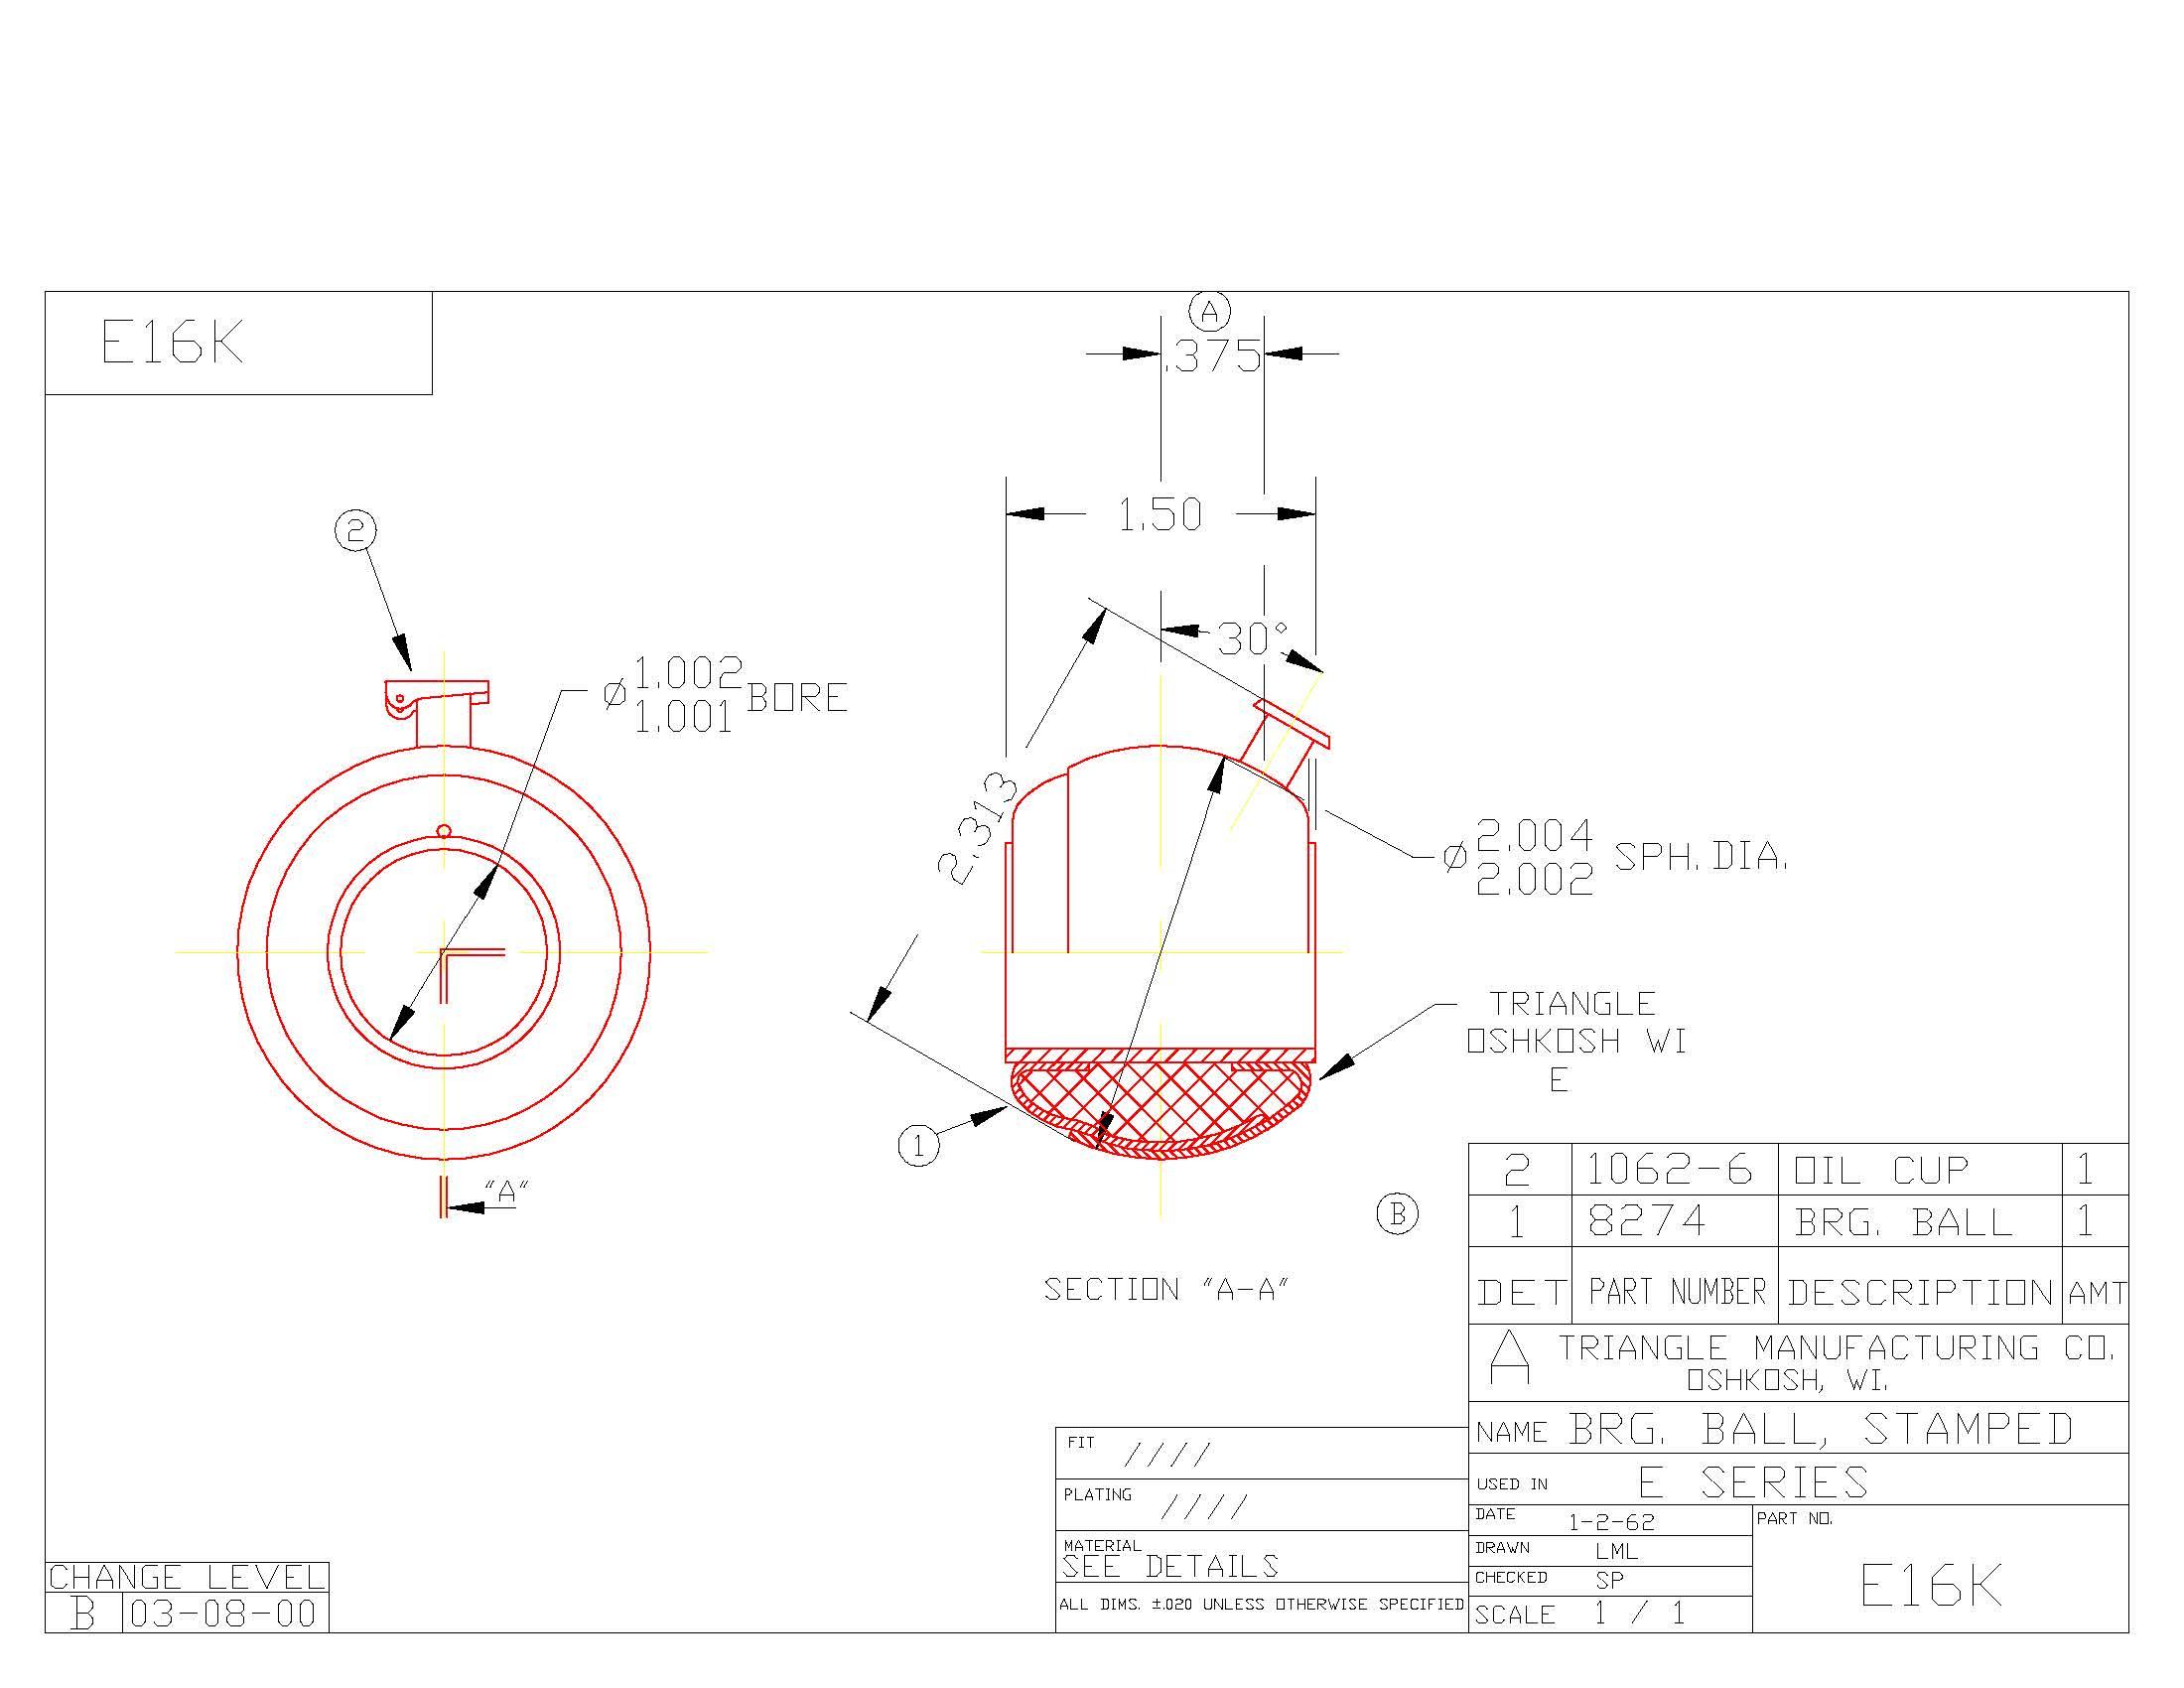 Spherical Plain Bearing E16K